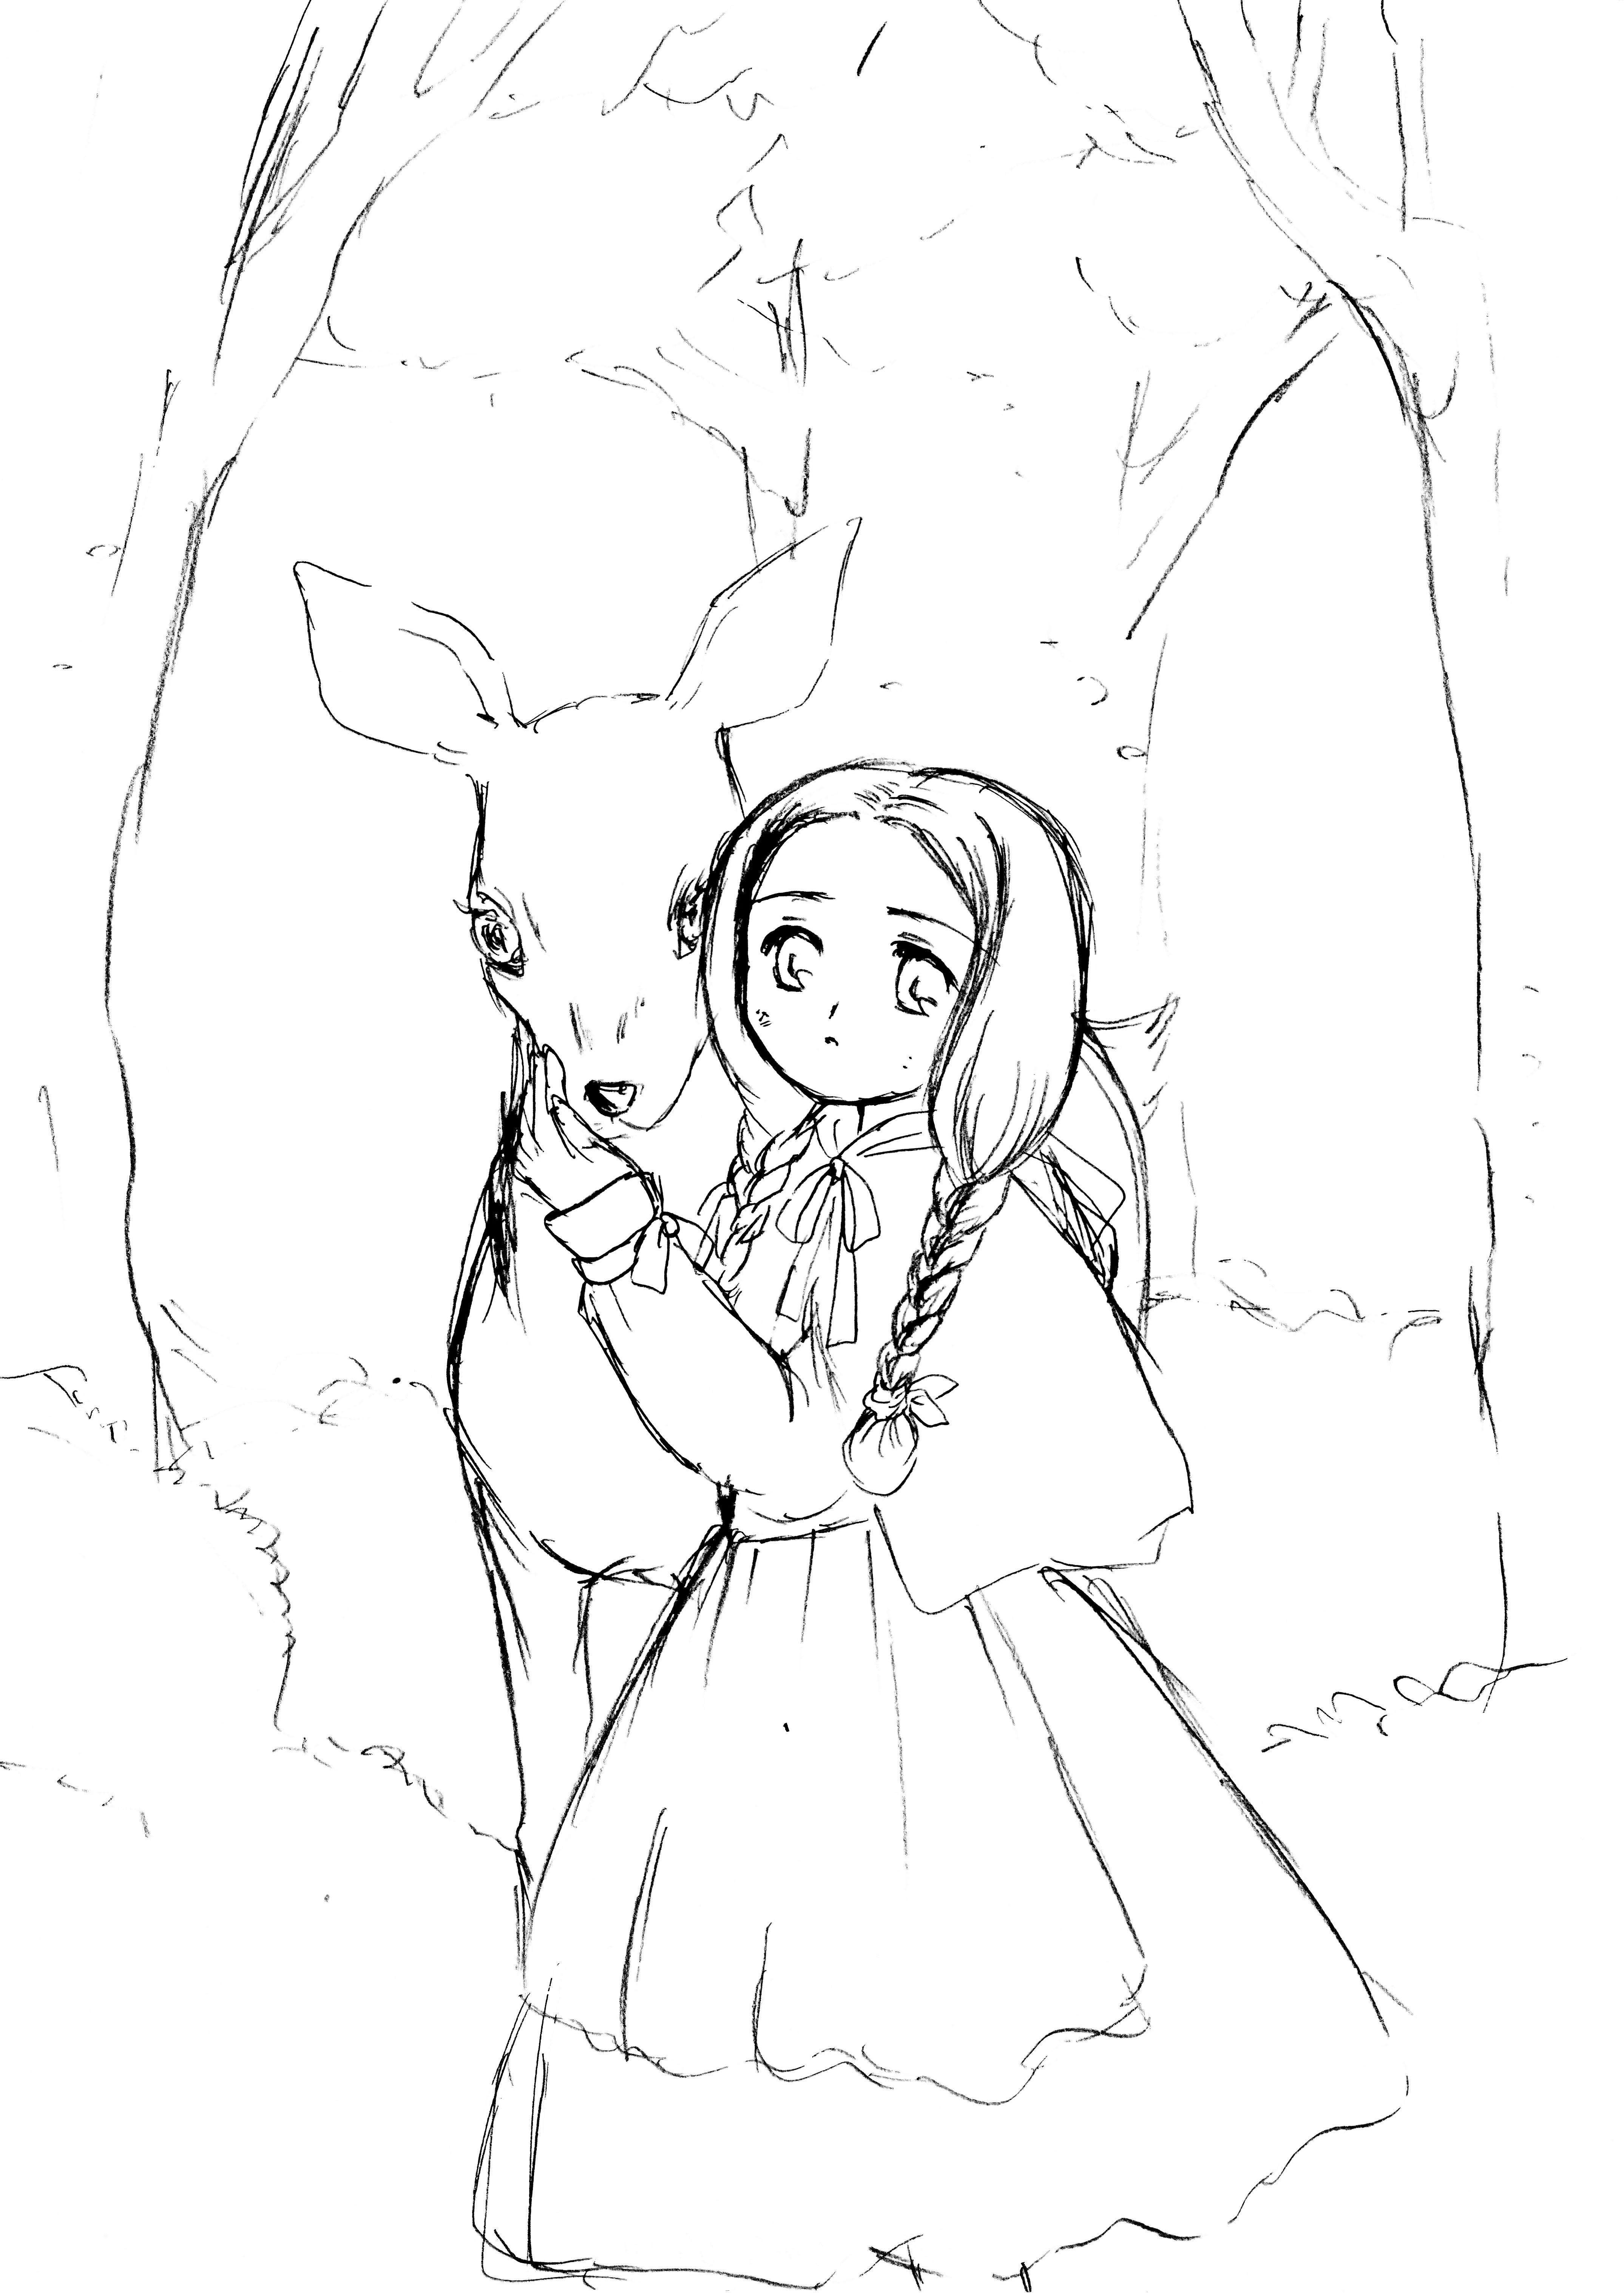 002:グリム童話・しゃべる泉